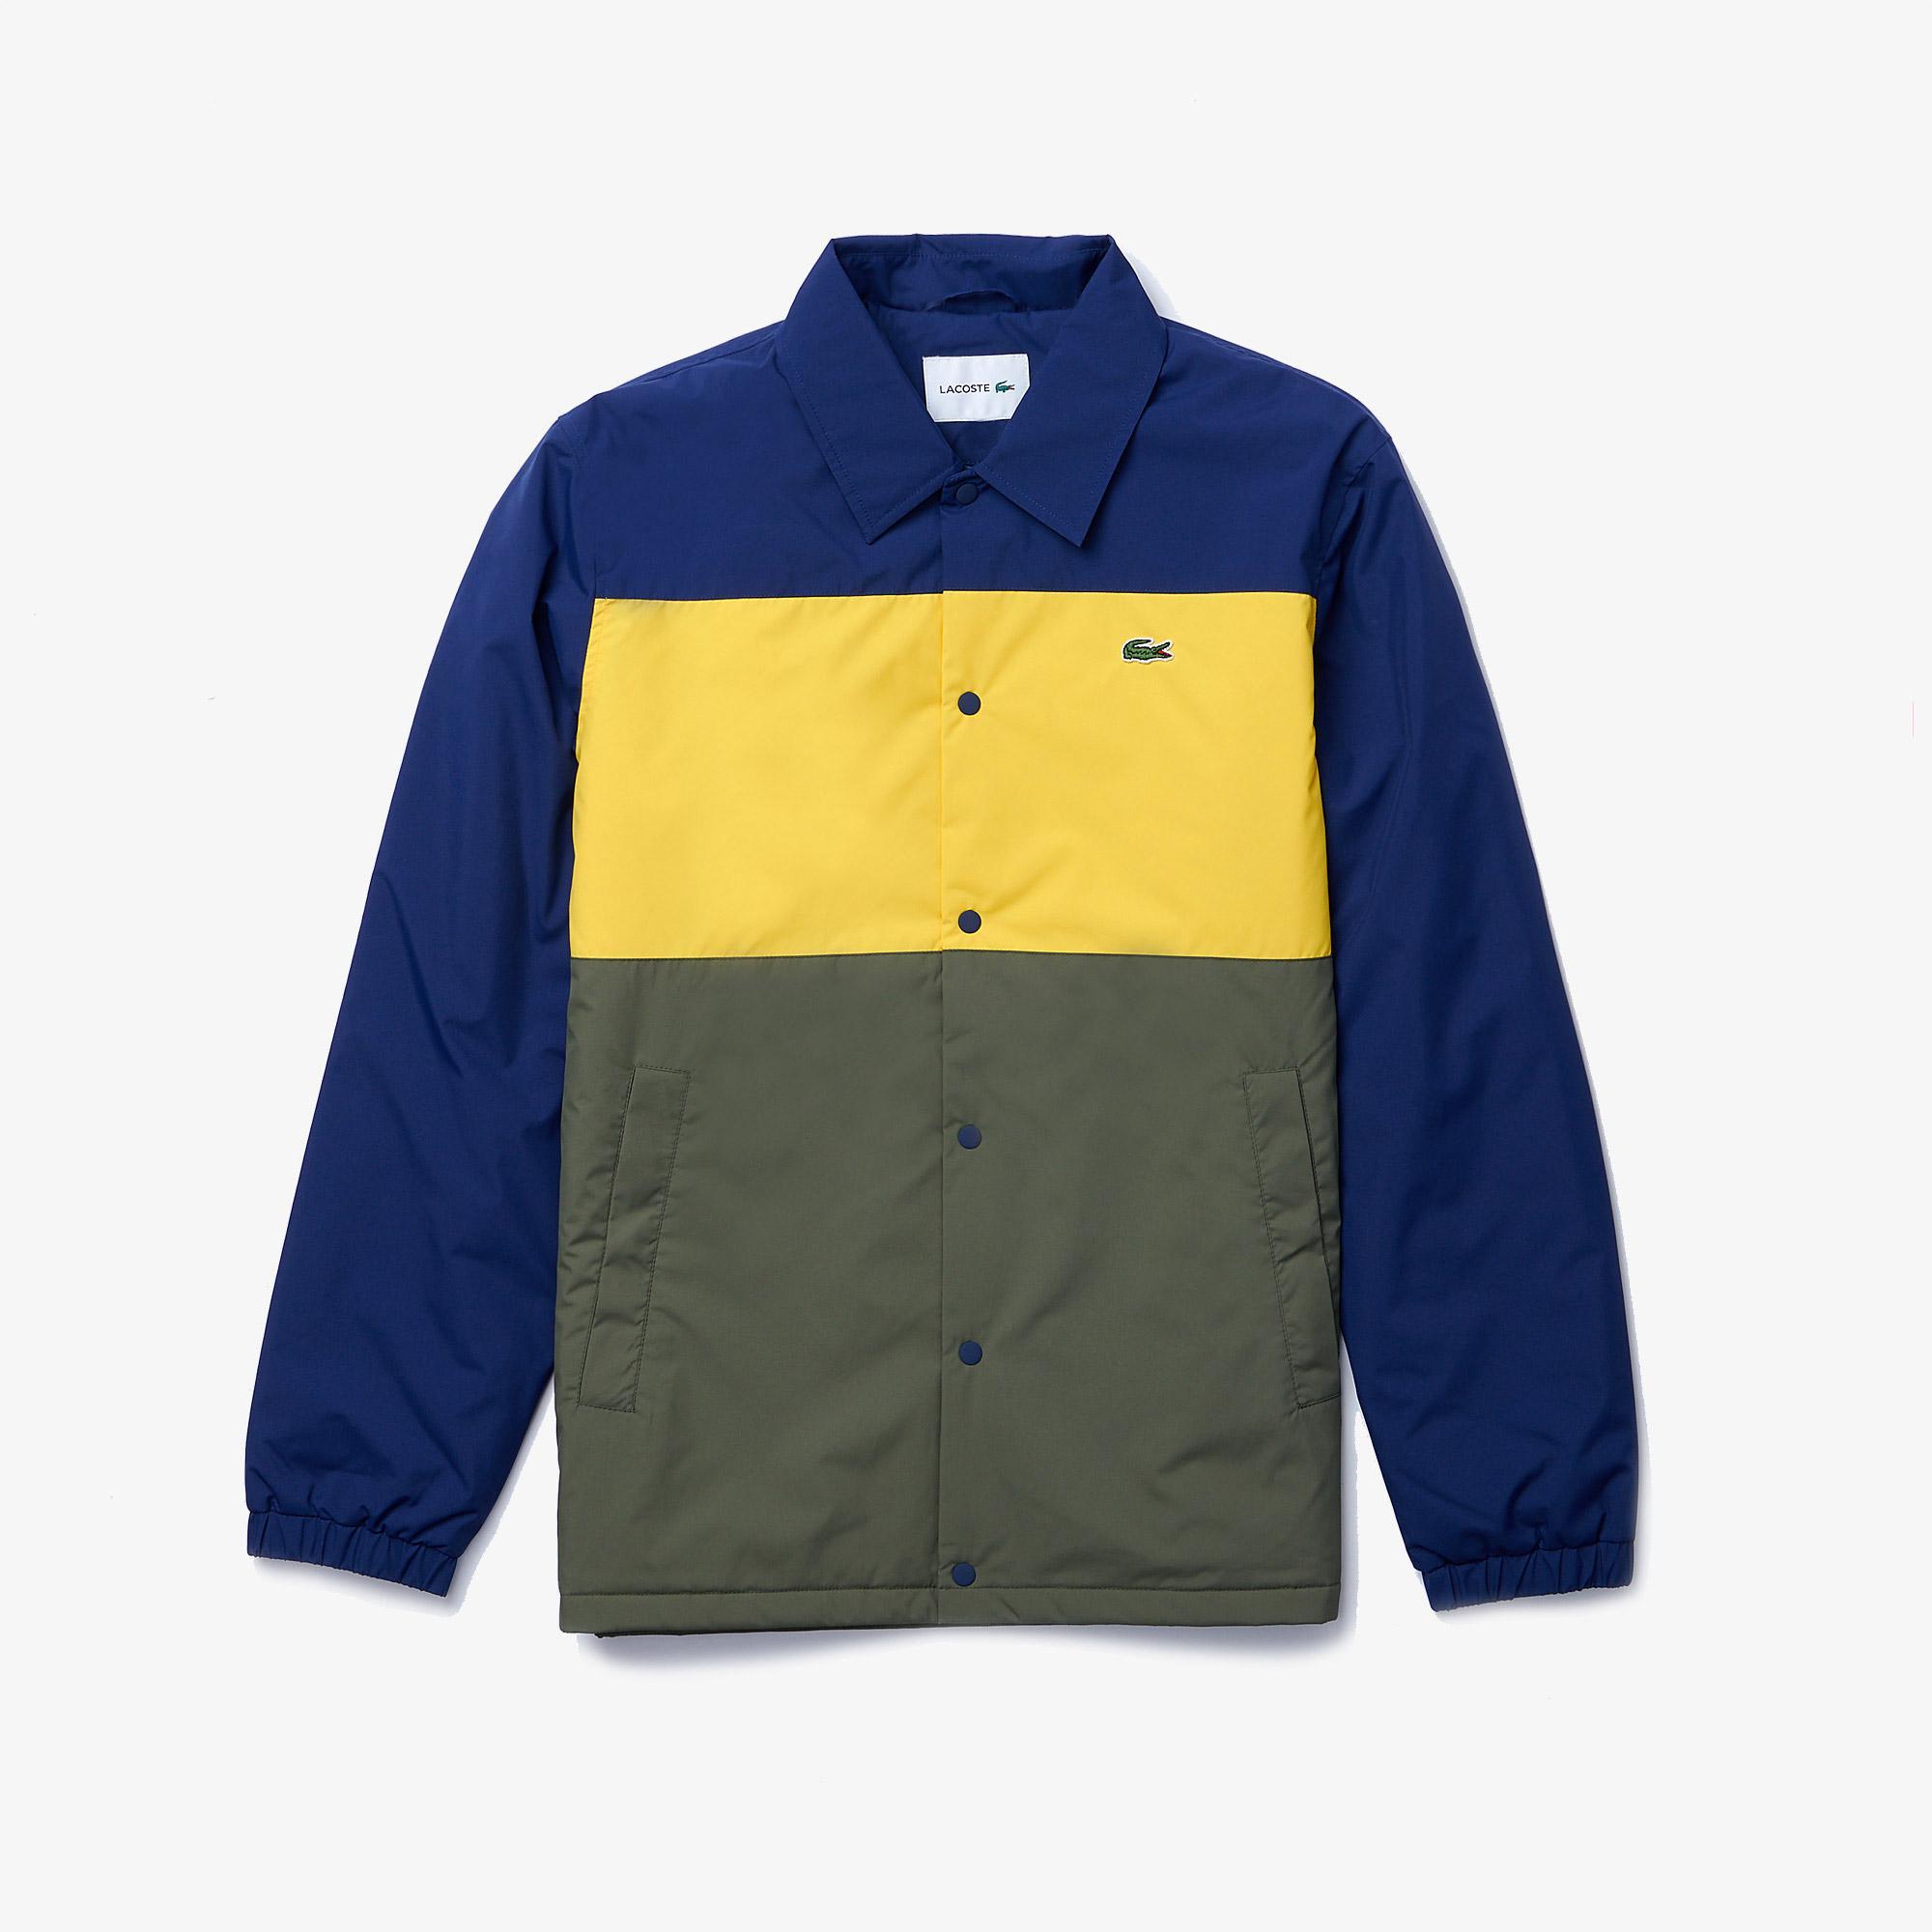 Lacoste Erkek Oversize Renk Bloklu Baskılı Renkli Ceket